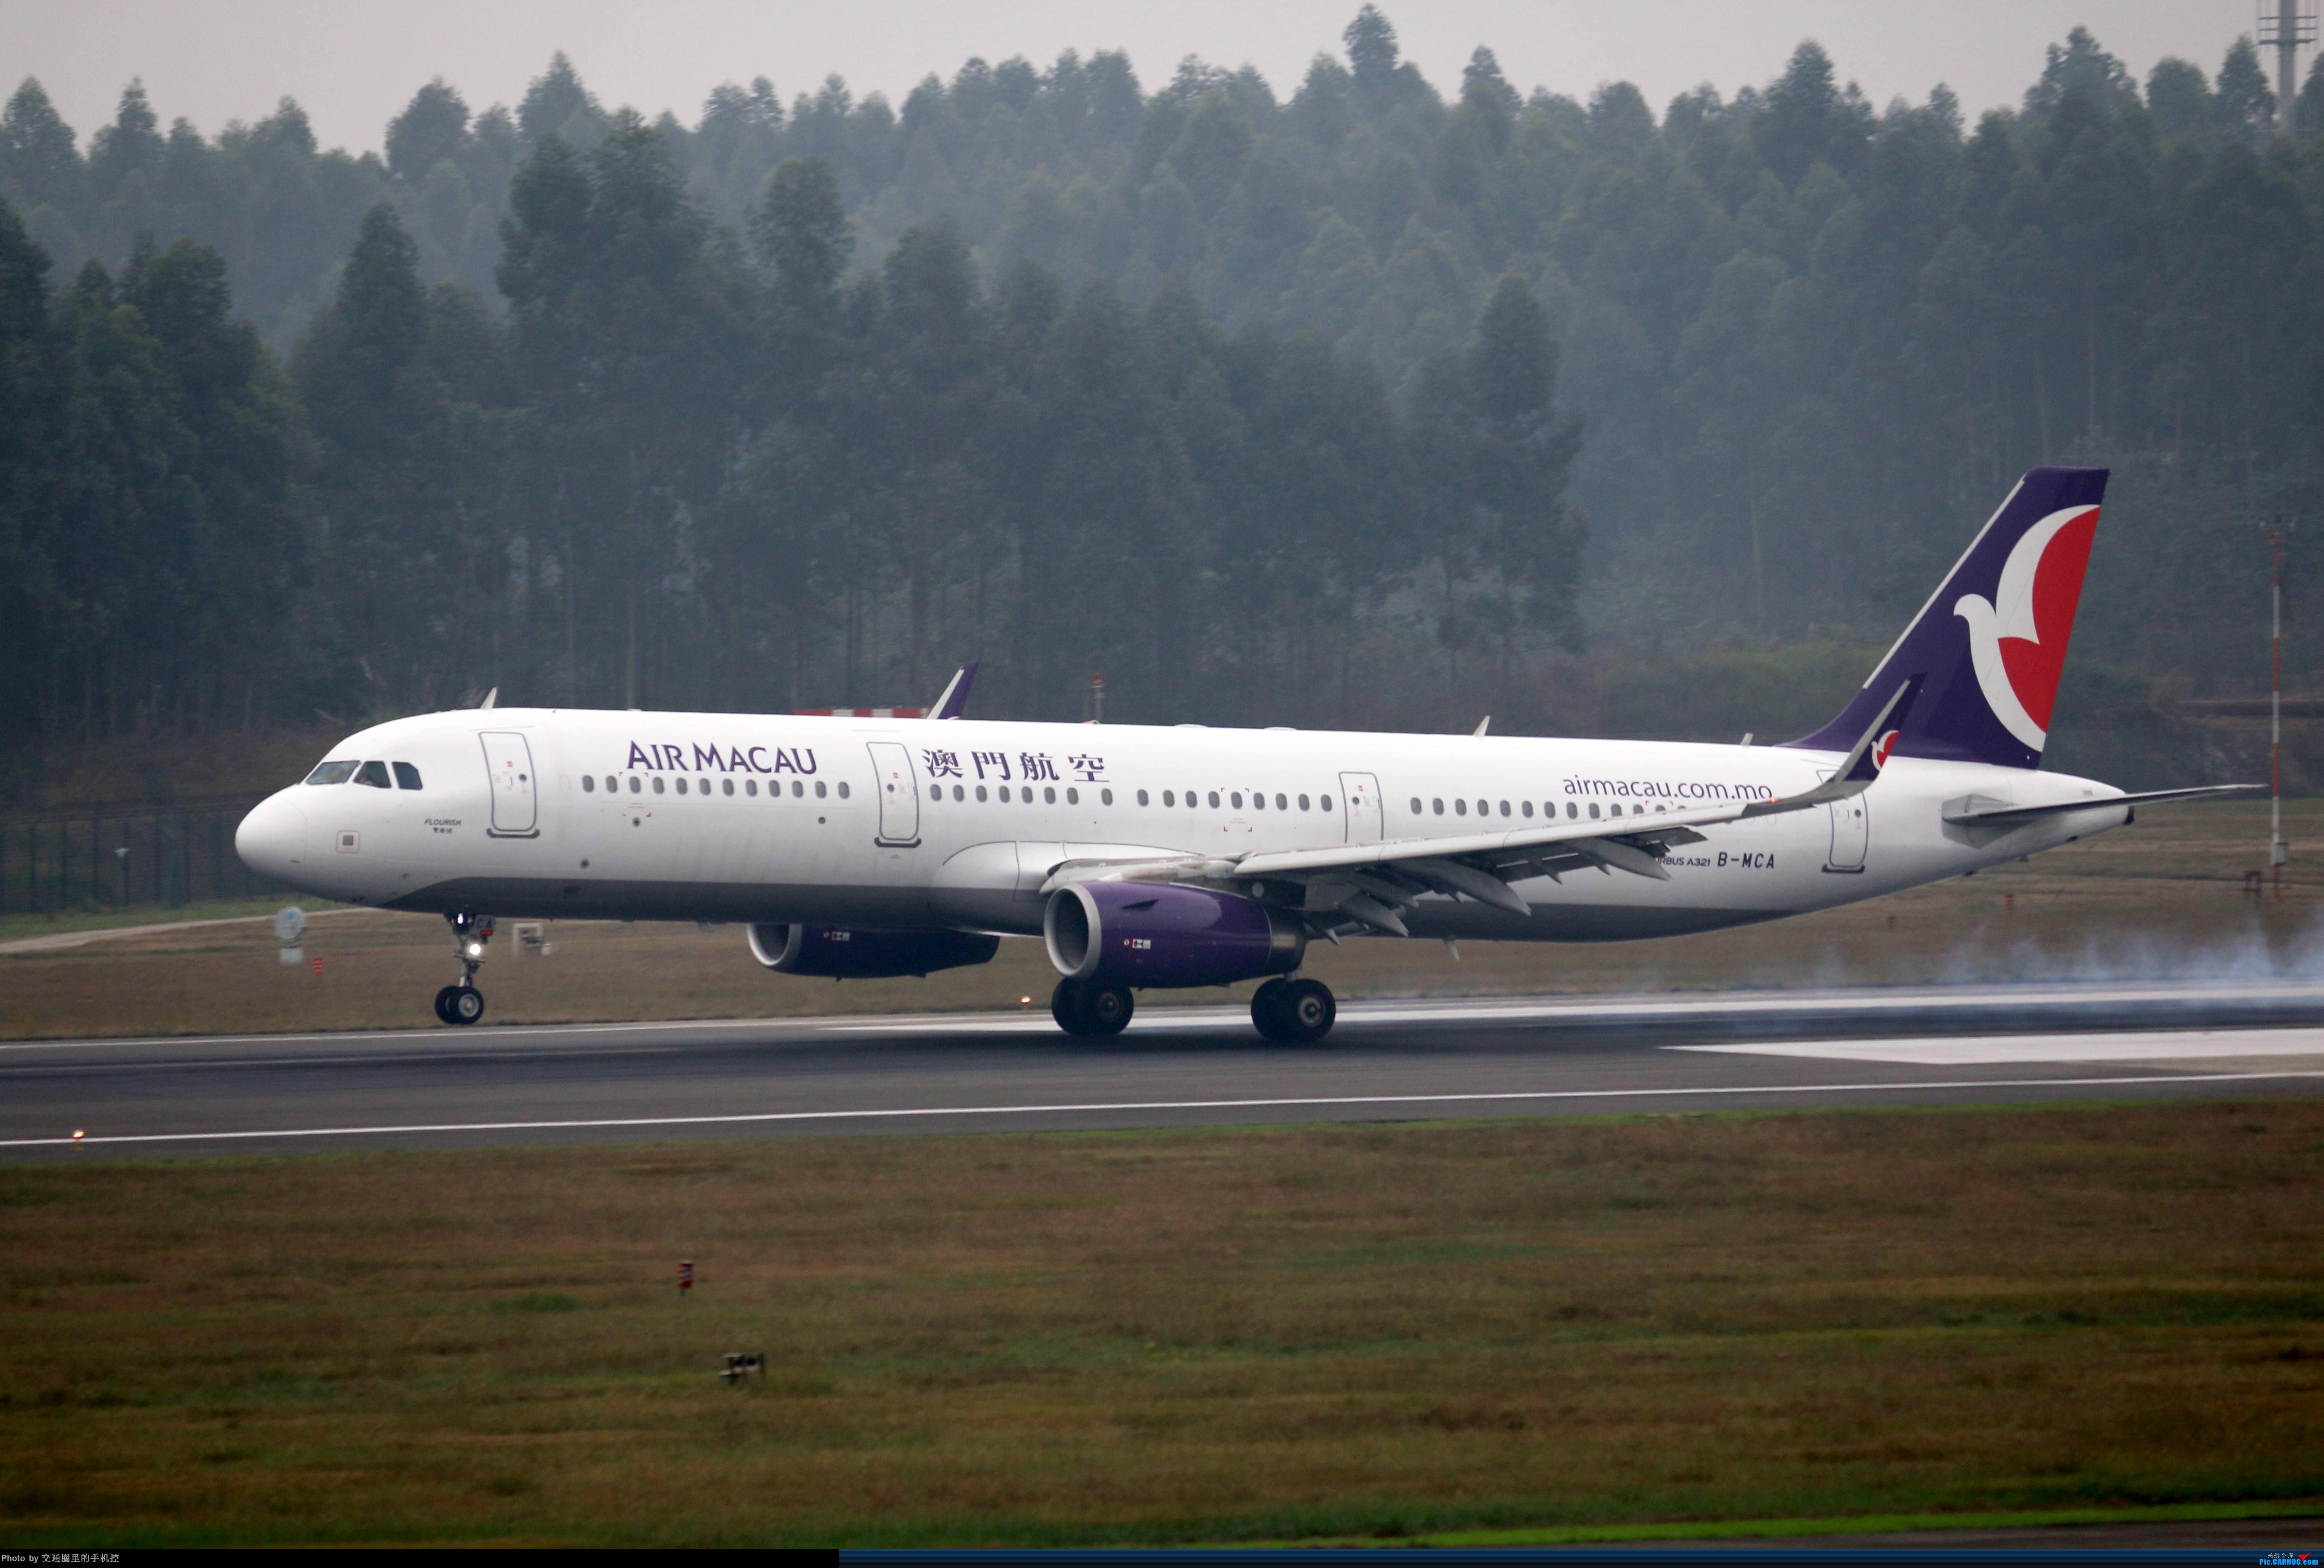 南宁吴圩国际机场图_airbus a321 200座位图-南航空客a321最佳座位/Airbus A321-200座位/airbus ...